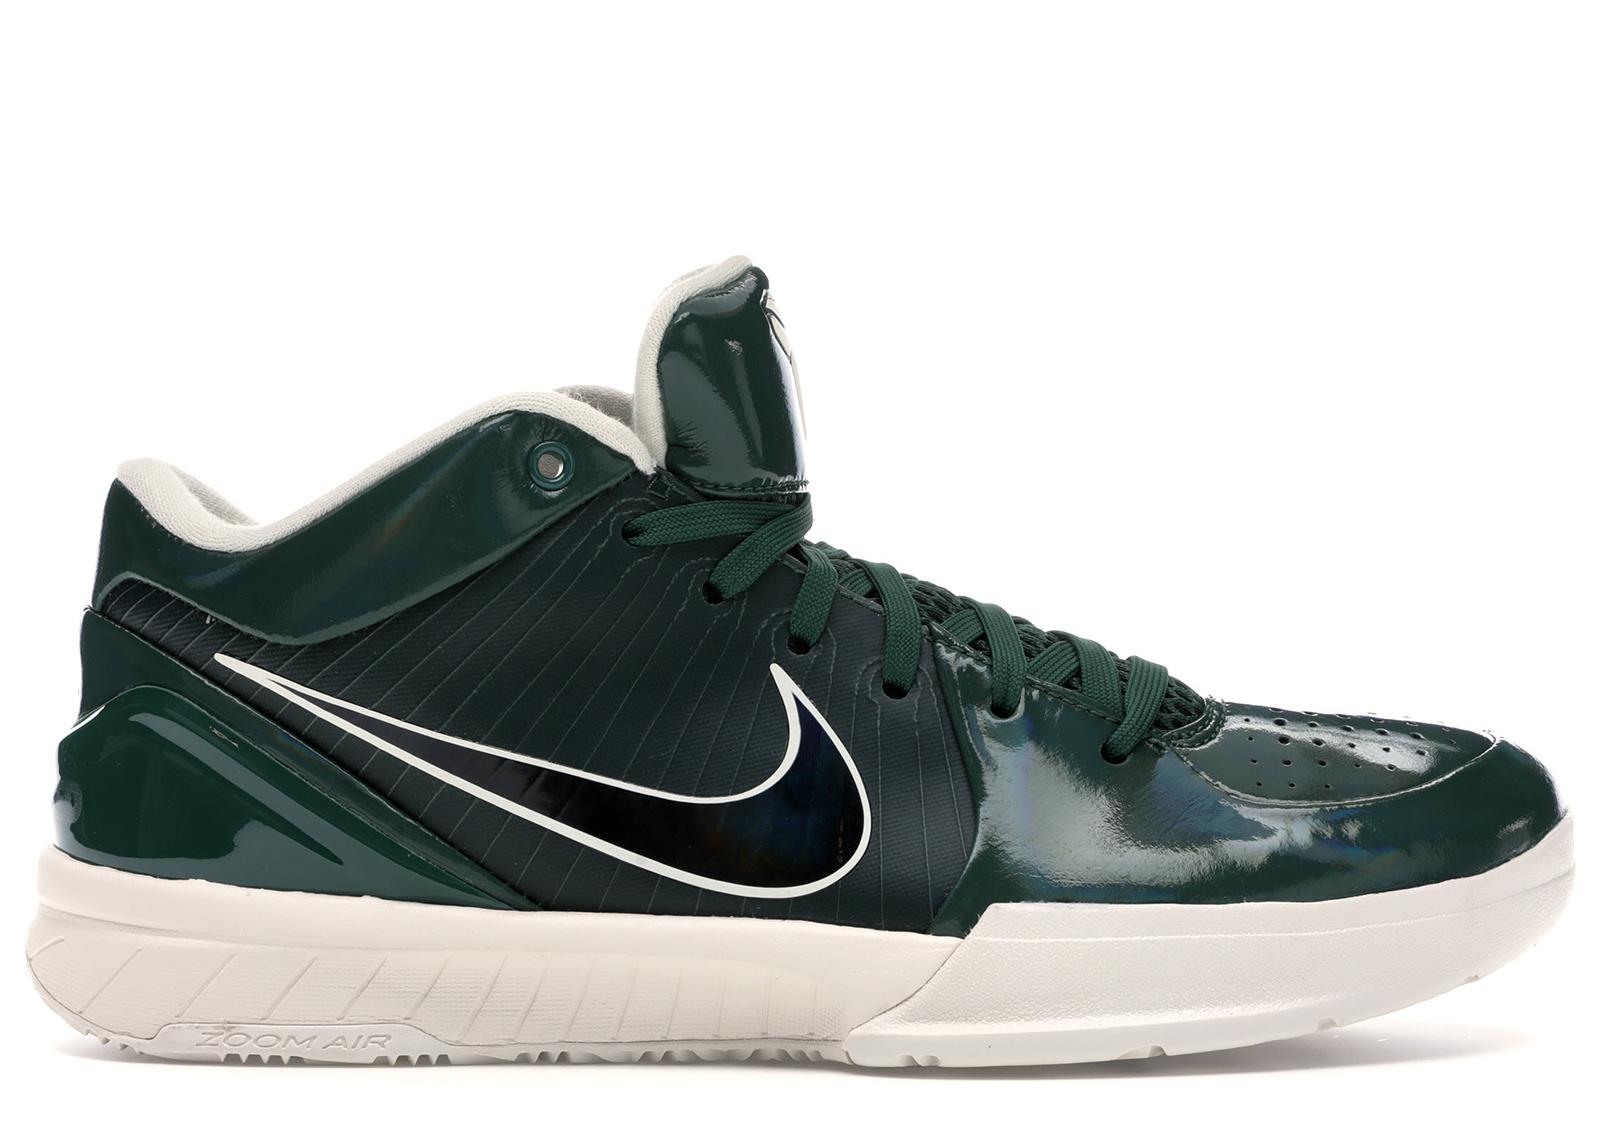 Nike Kobe 4 Protro Undefeated Milwaukee